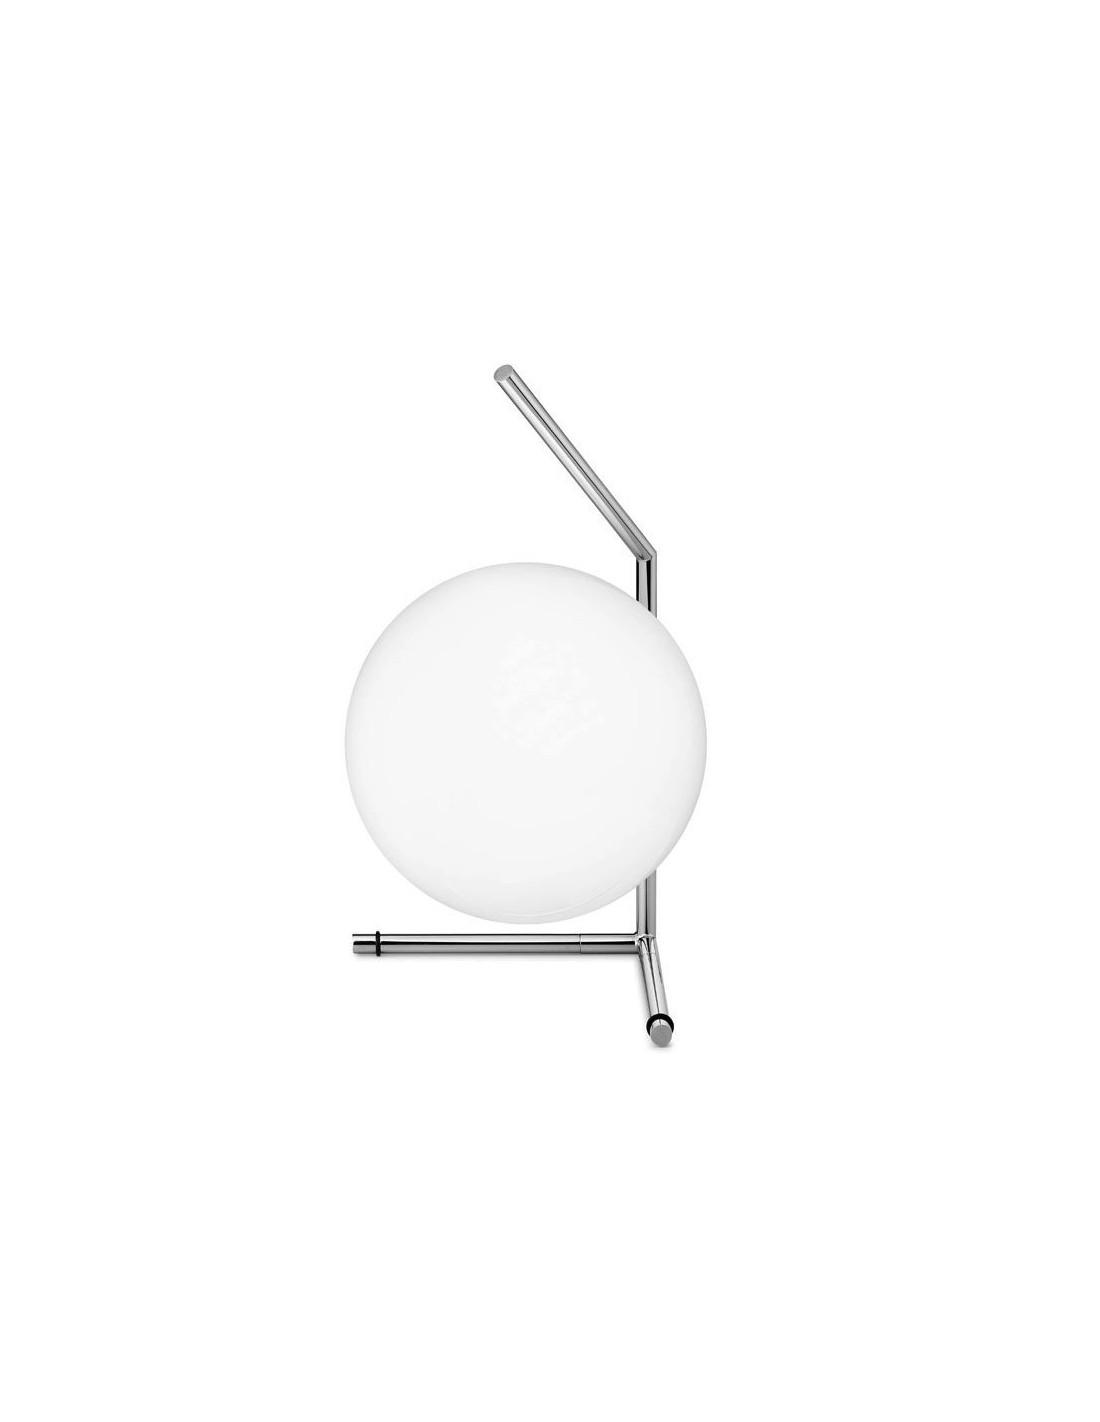 Lampe à poser IC T1 LOW chrome de flos Valente Design Michael Anastassiades